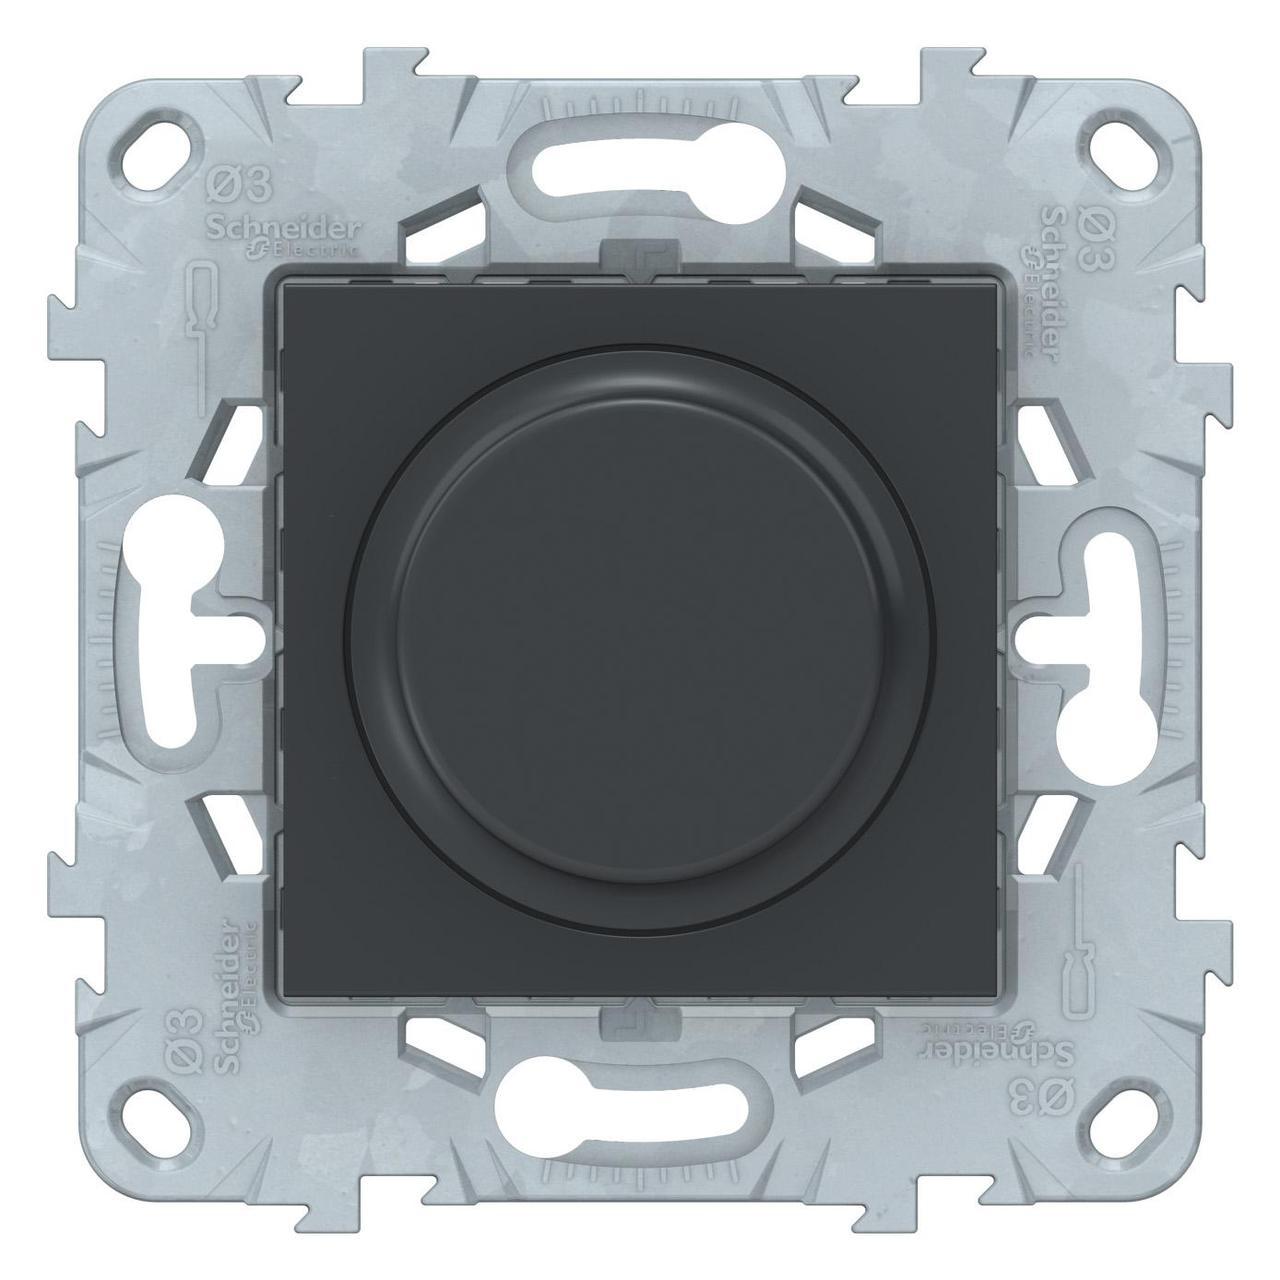 Диммер поворотный , 200Вт LED универсальный , Антрацит, серия Unica New, Schneider Electric